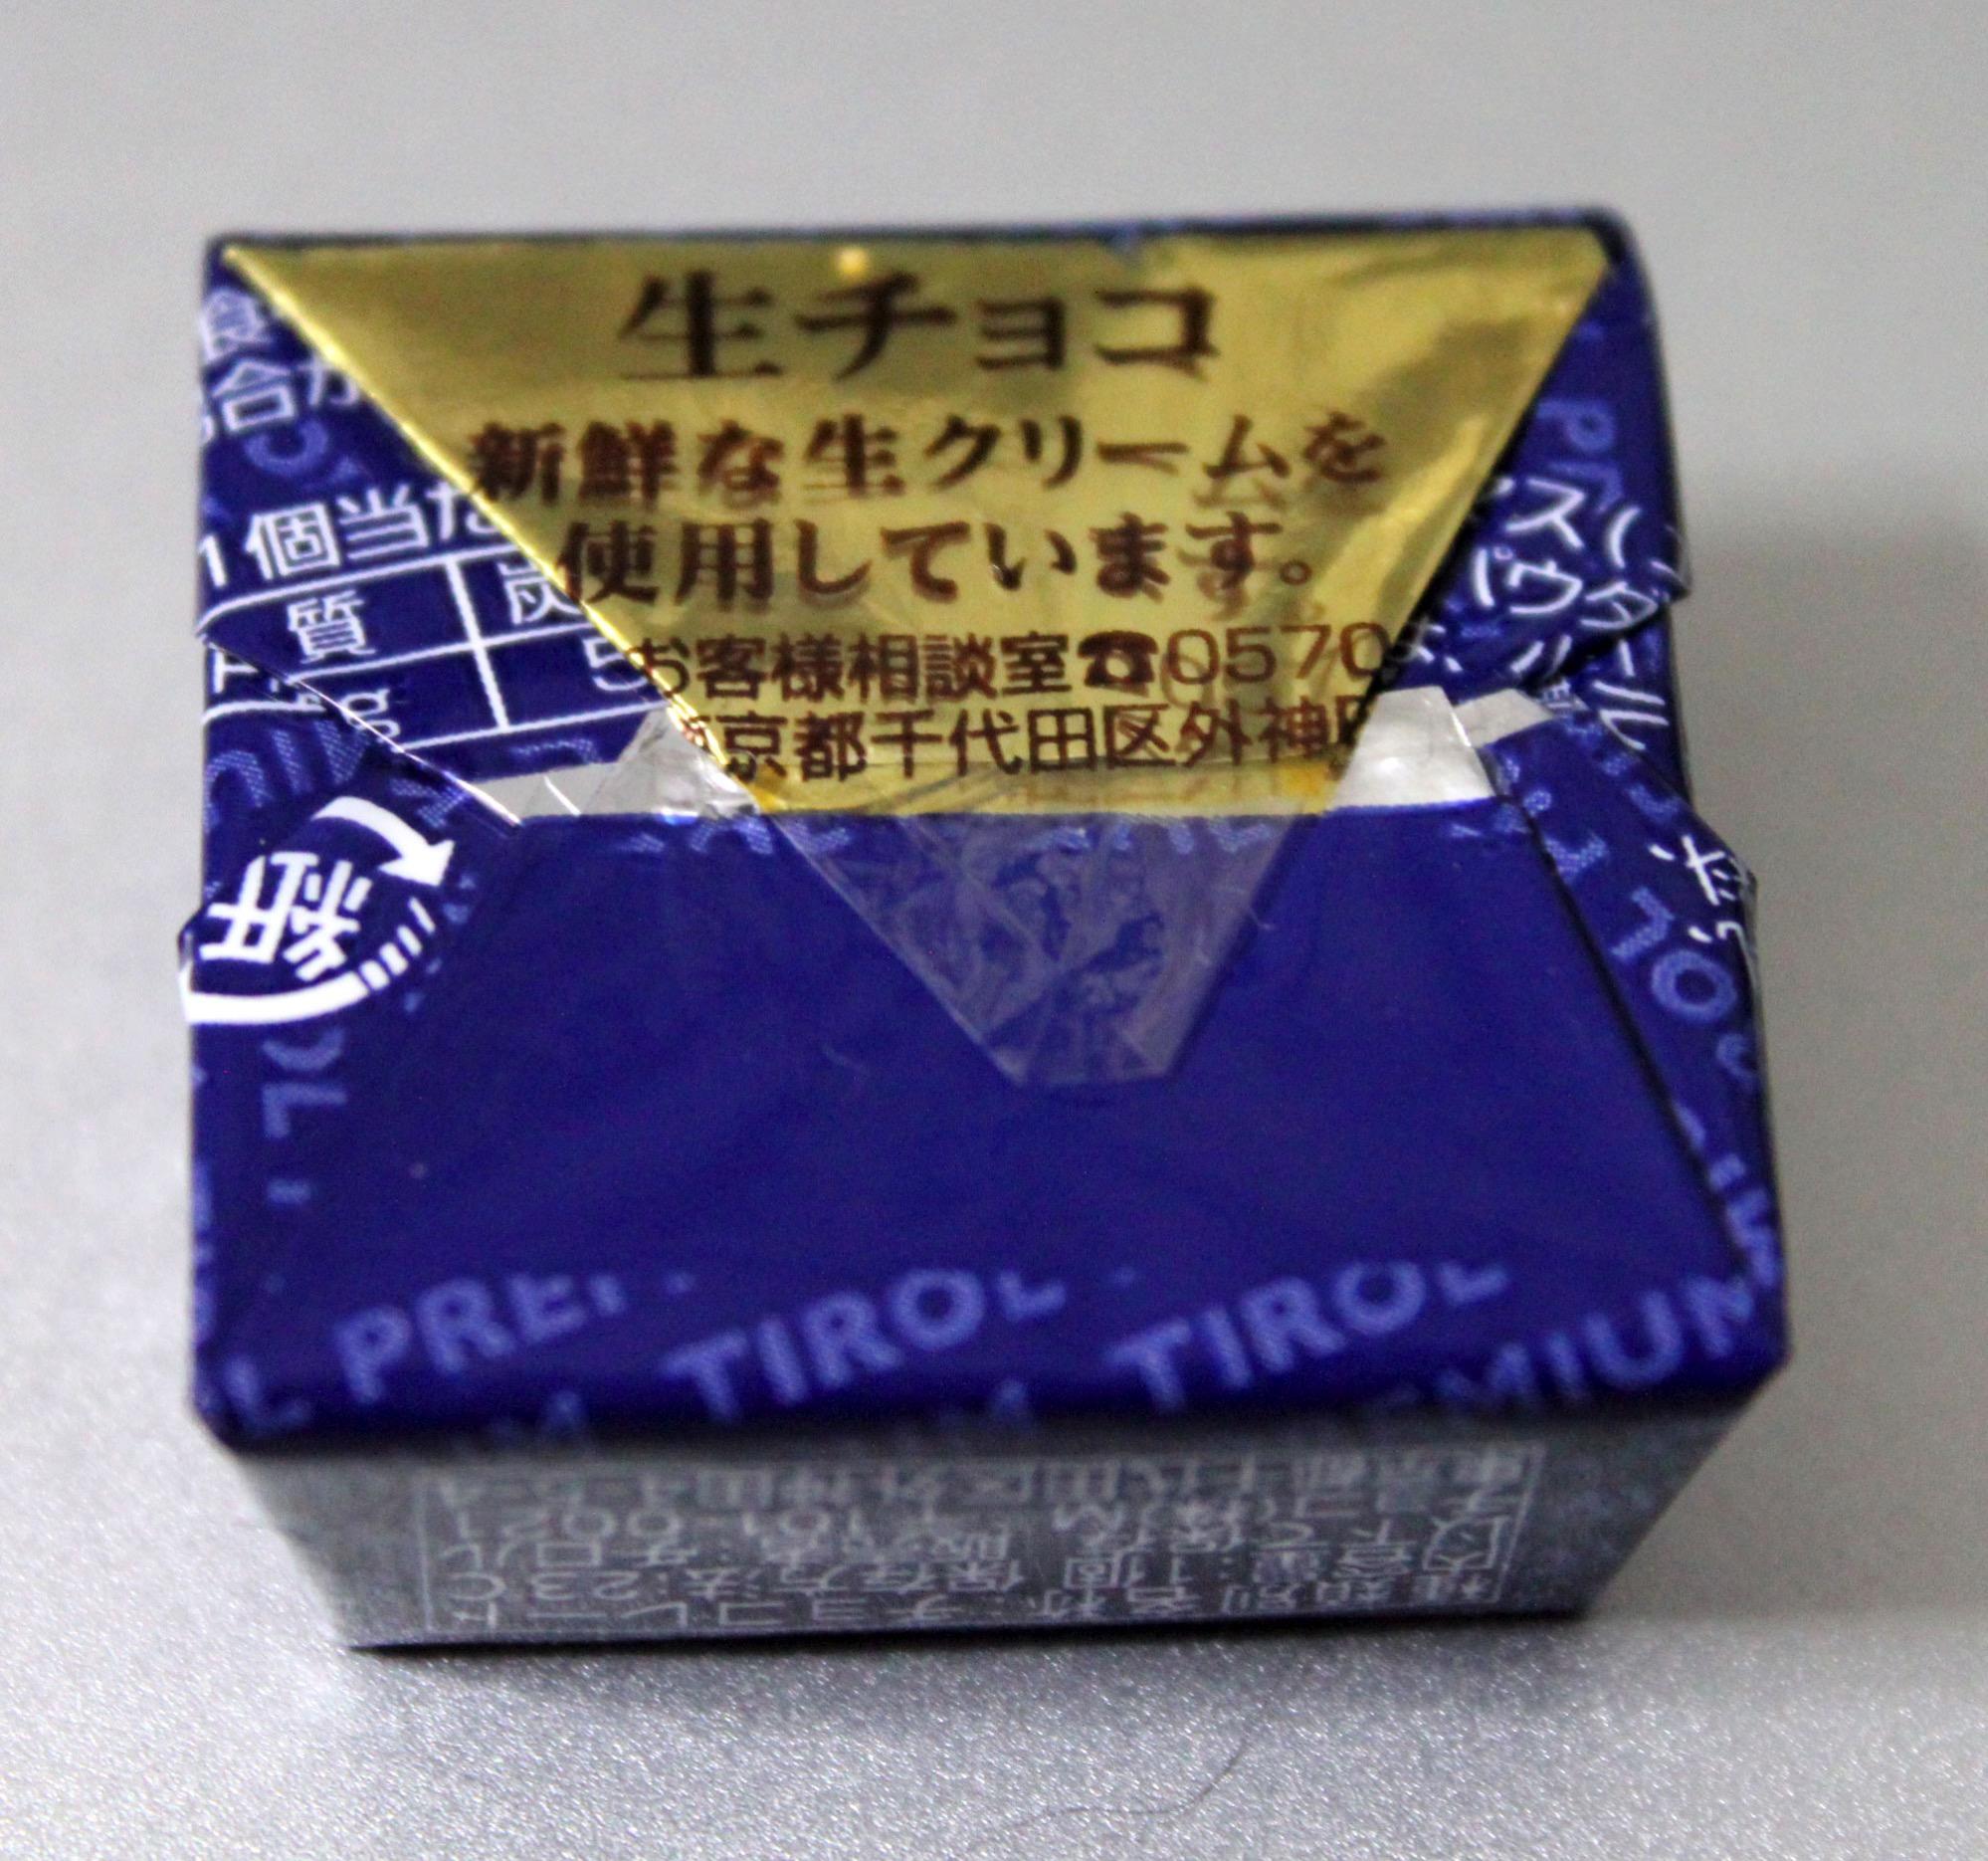 生クリームを使用したチロルチョコ